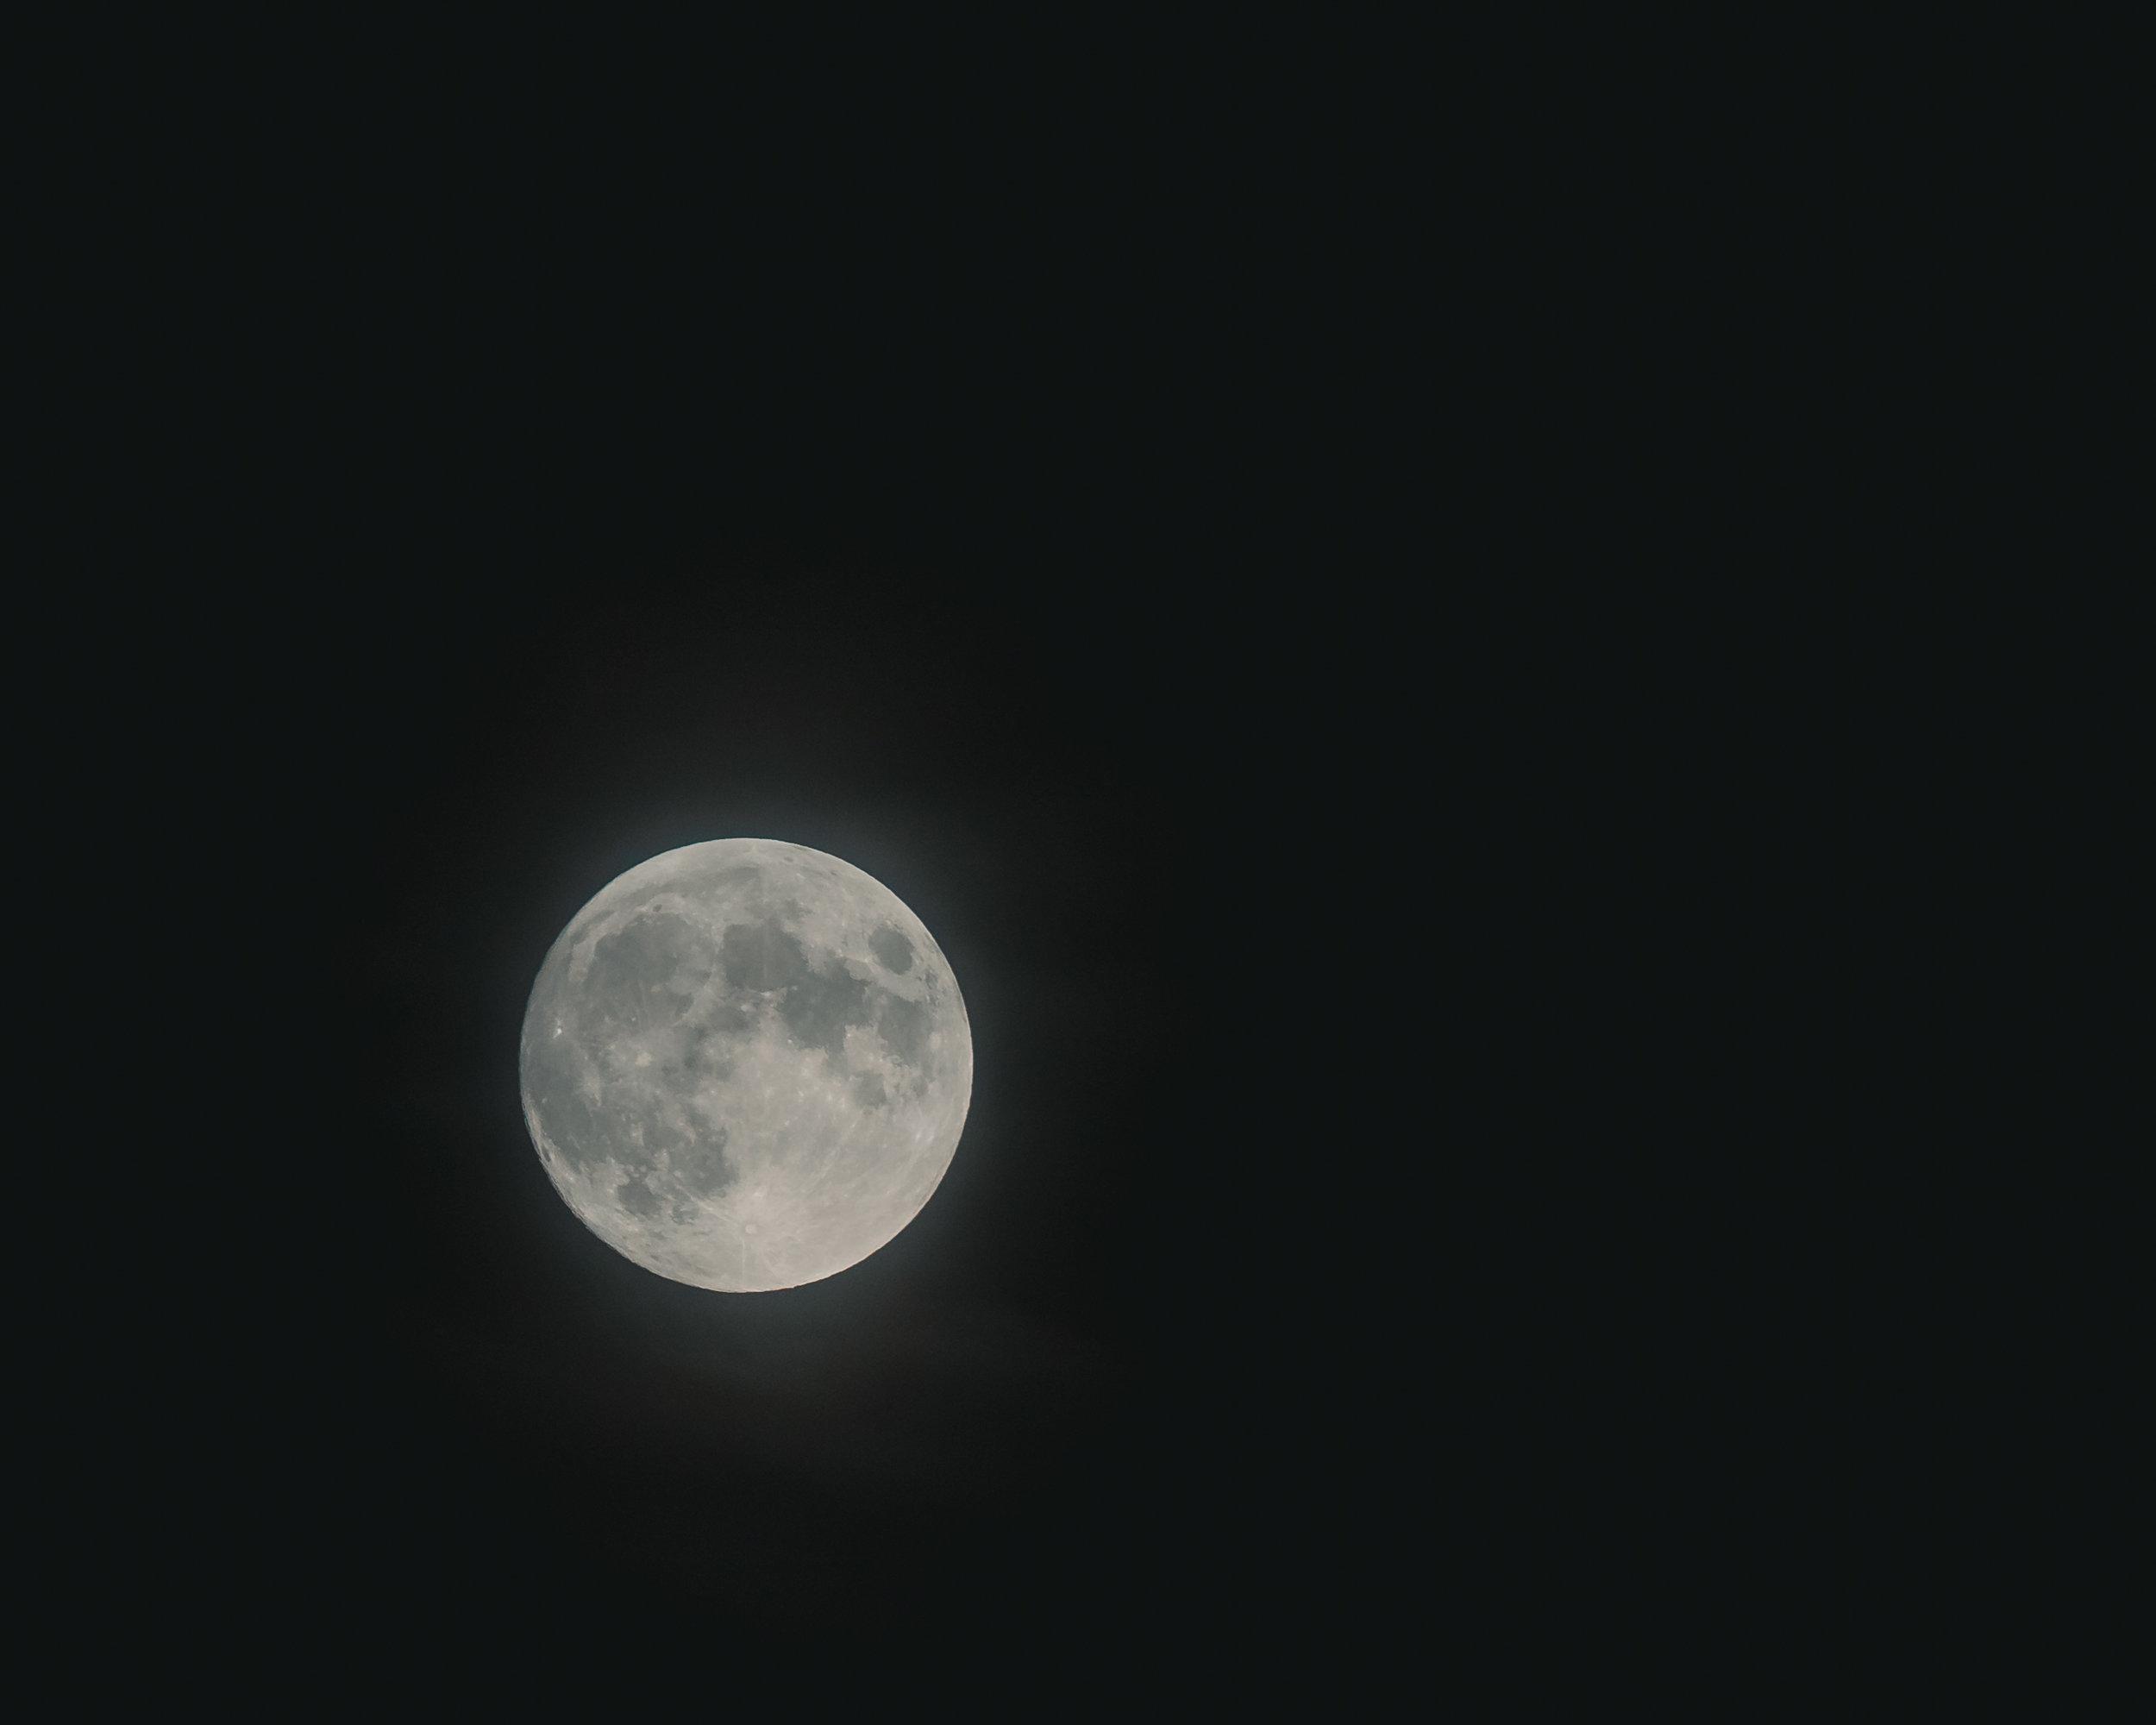 Cristofer_Jeschke_moon-03683.jpg